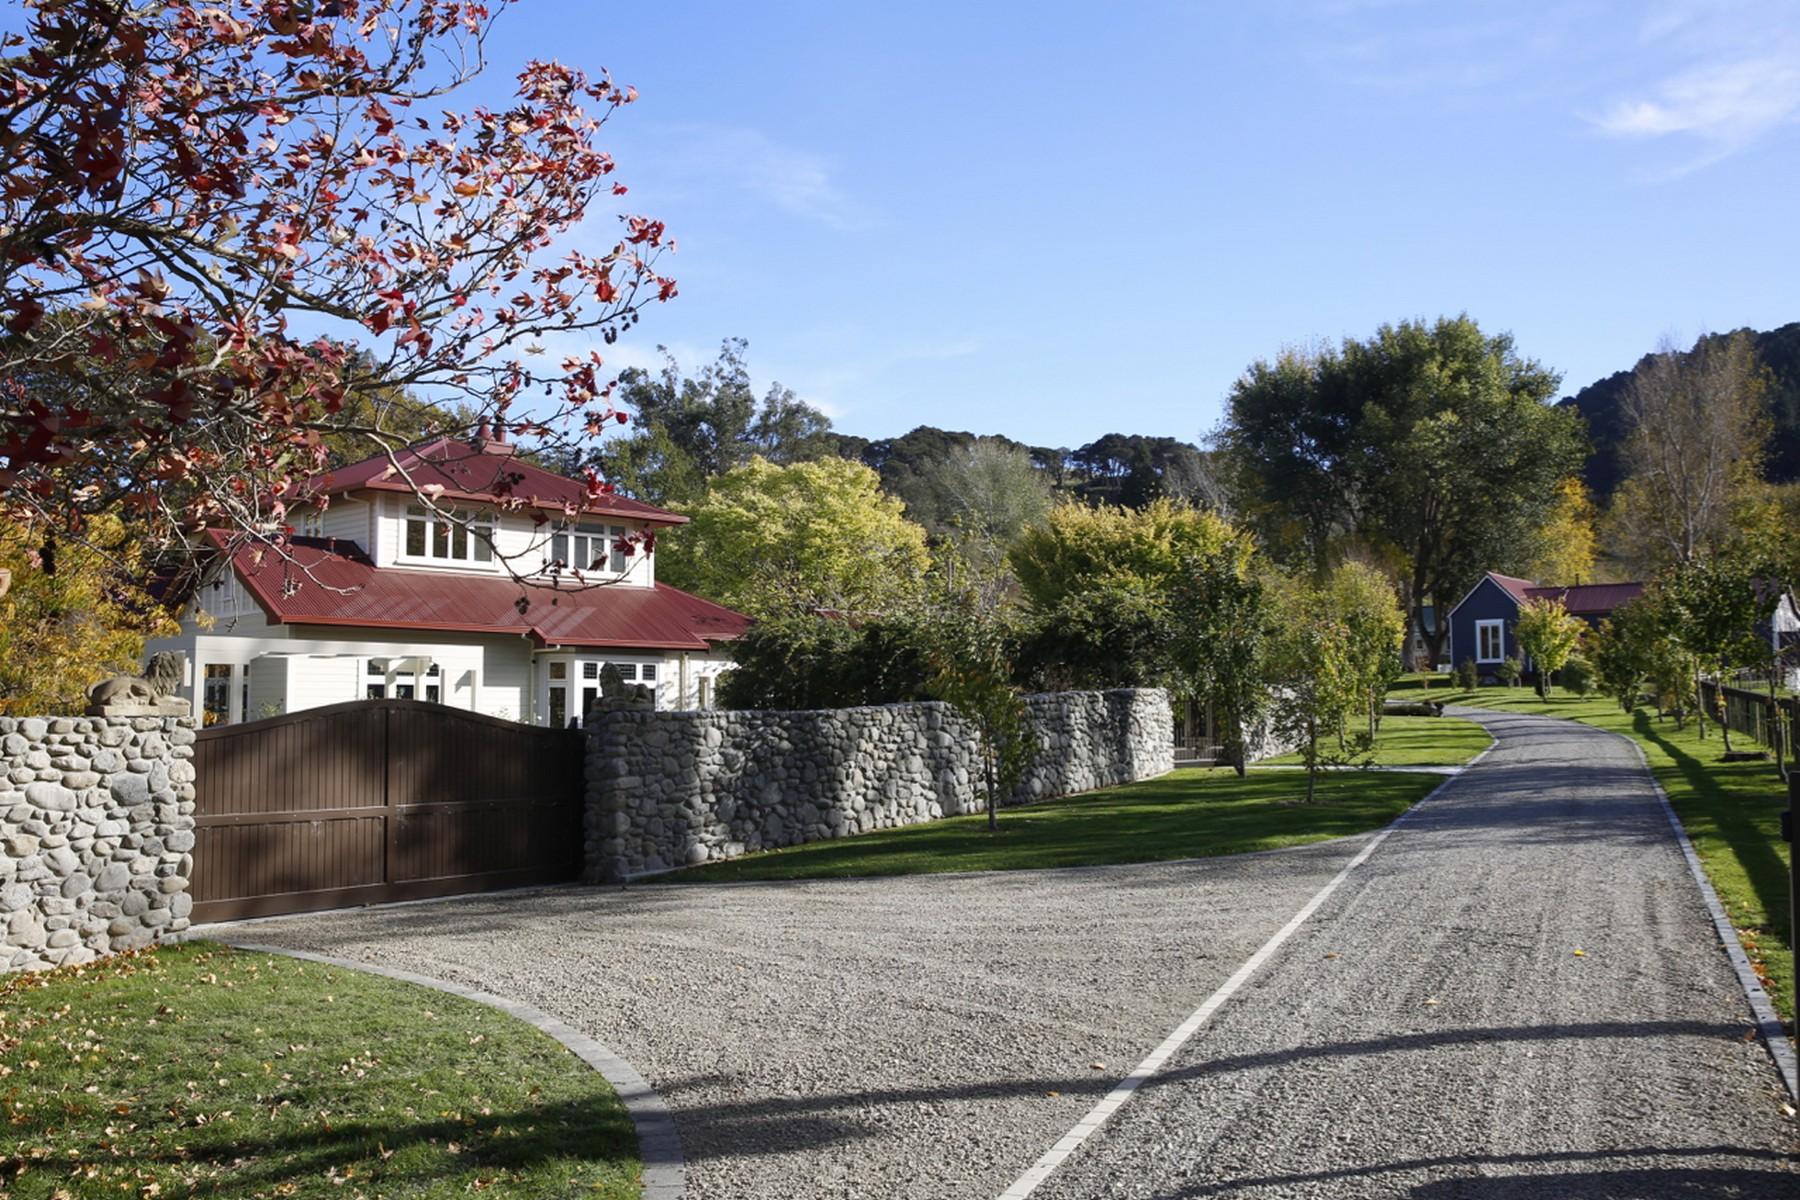 Ferme / Ranch / Plantation pour l Vente à Tinui Station Homestead 4195 Masteron Castlepoint Road Tinui Masterton, Wellington 5889 Nouvelle-Zélande